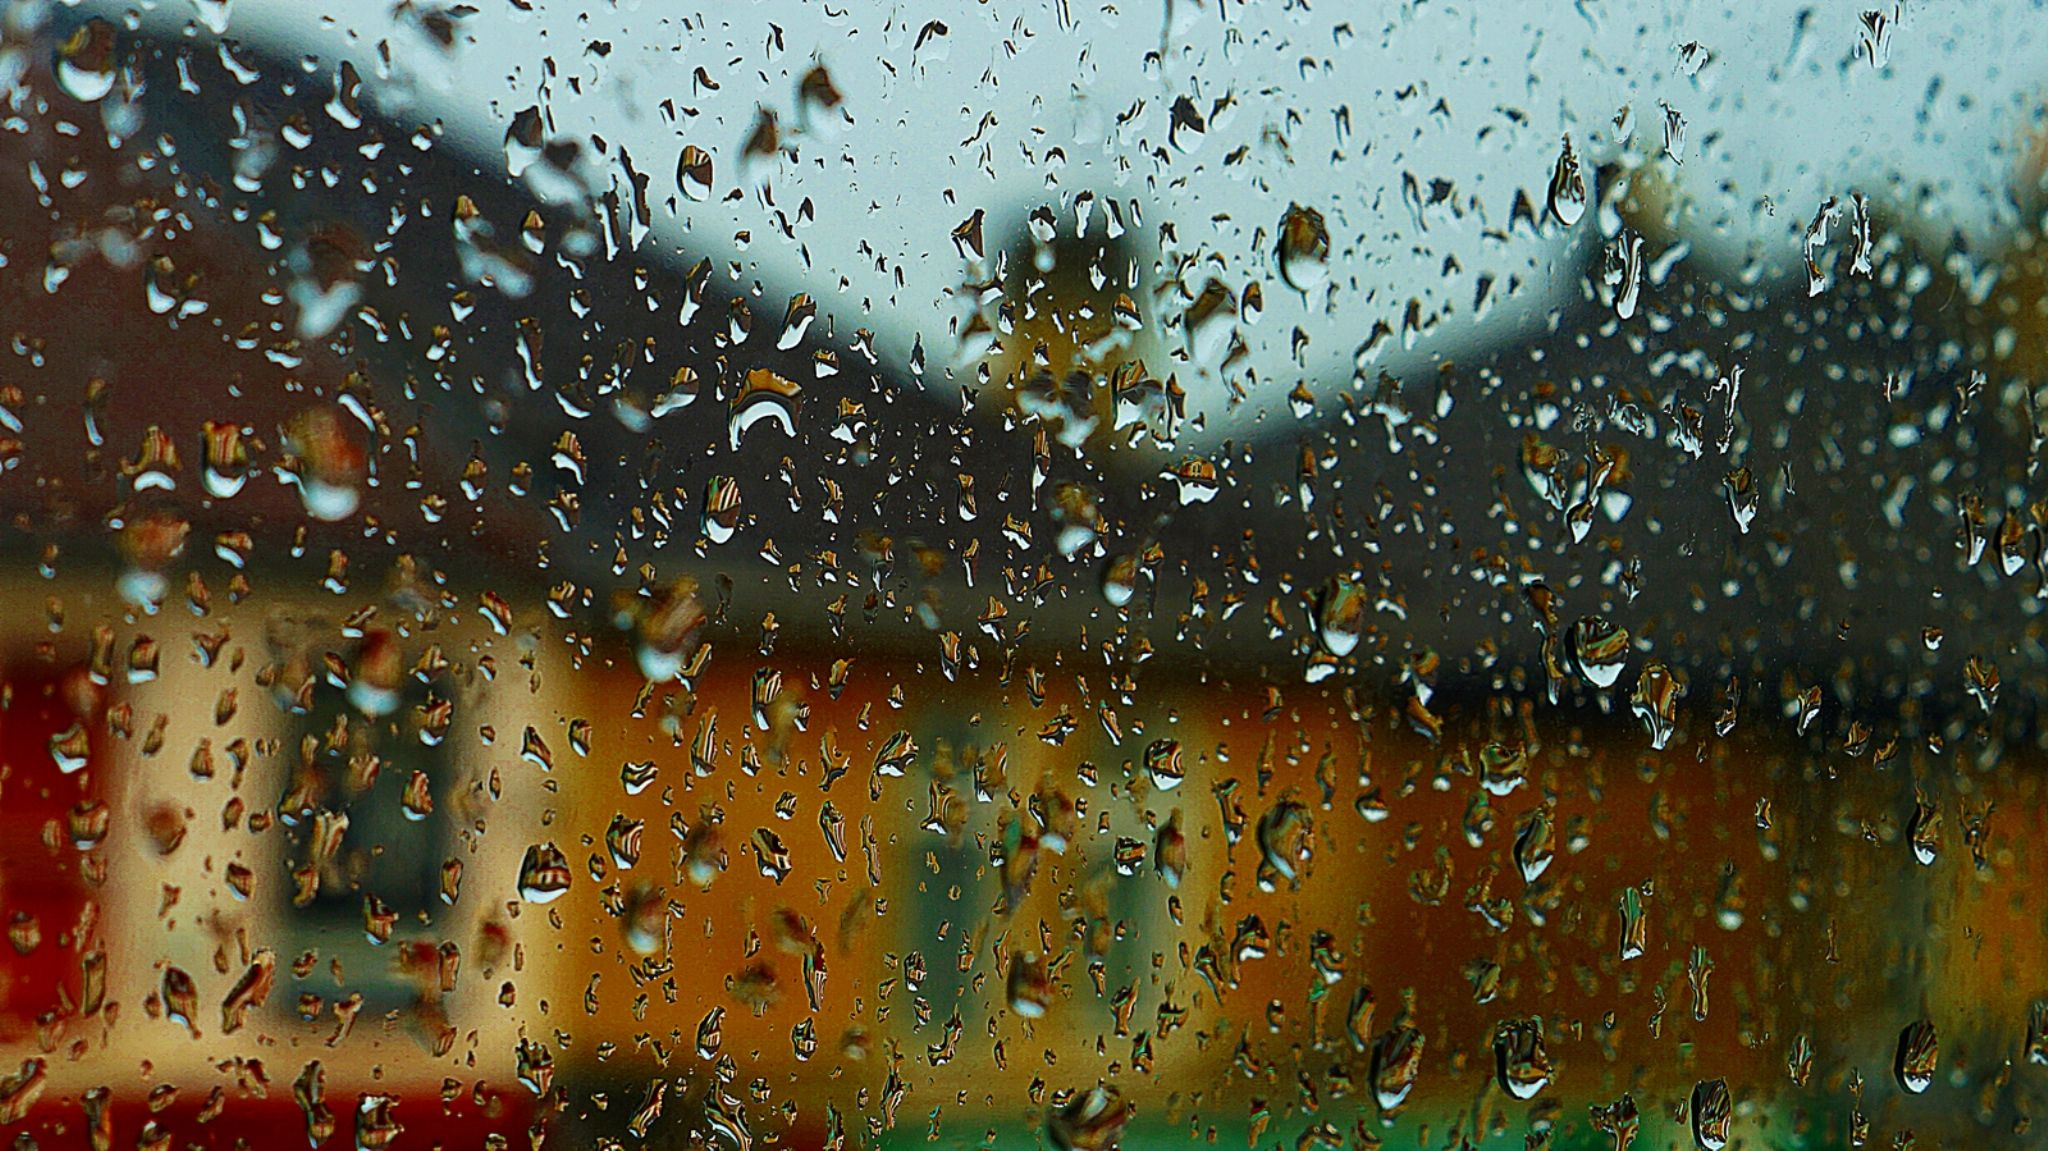 rain by Kamil Gaweł